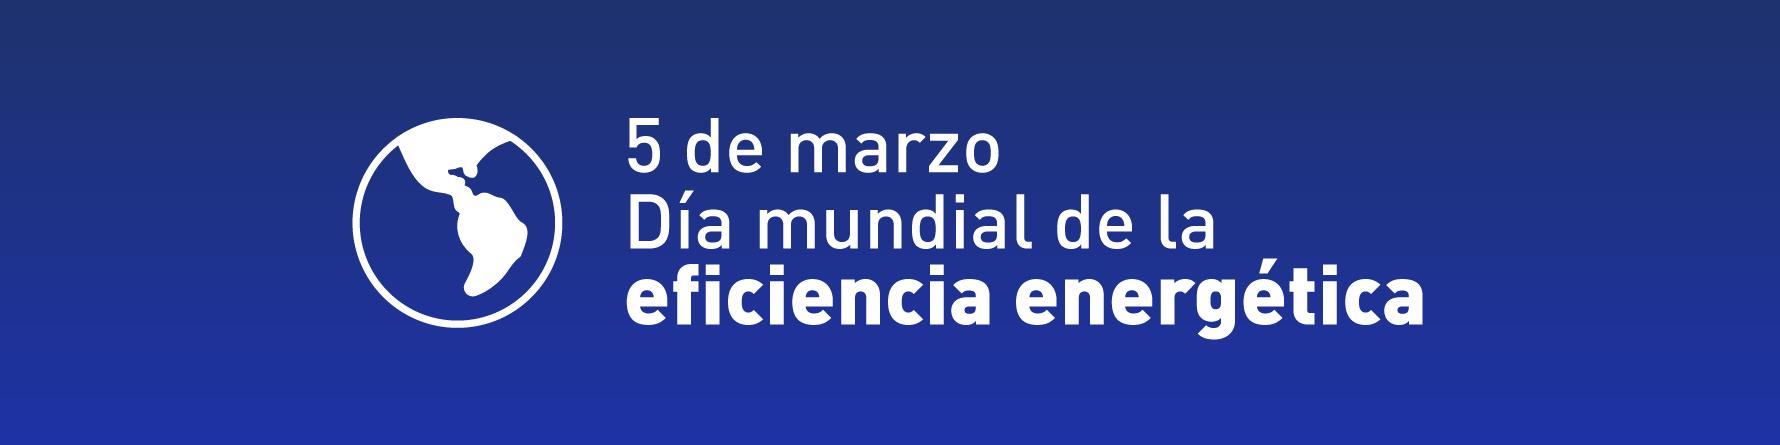 Día Mundial de la Eficiencia Energética 2018